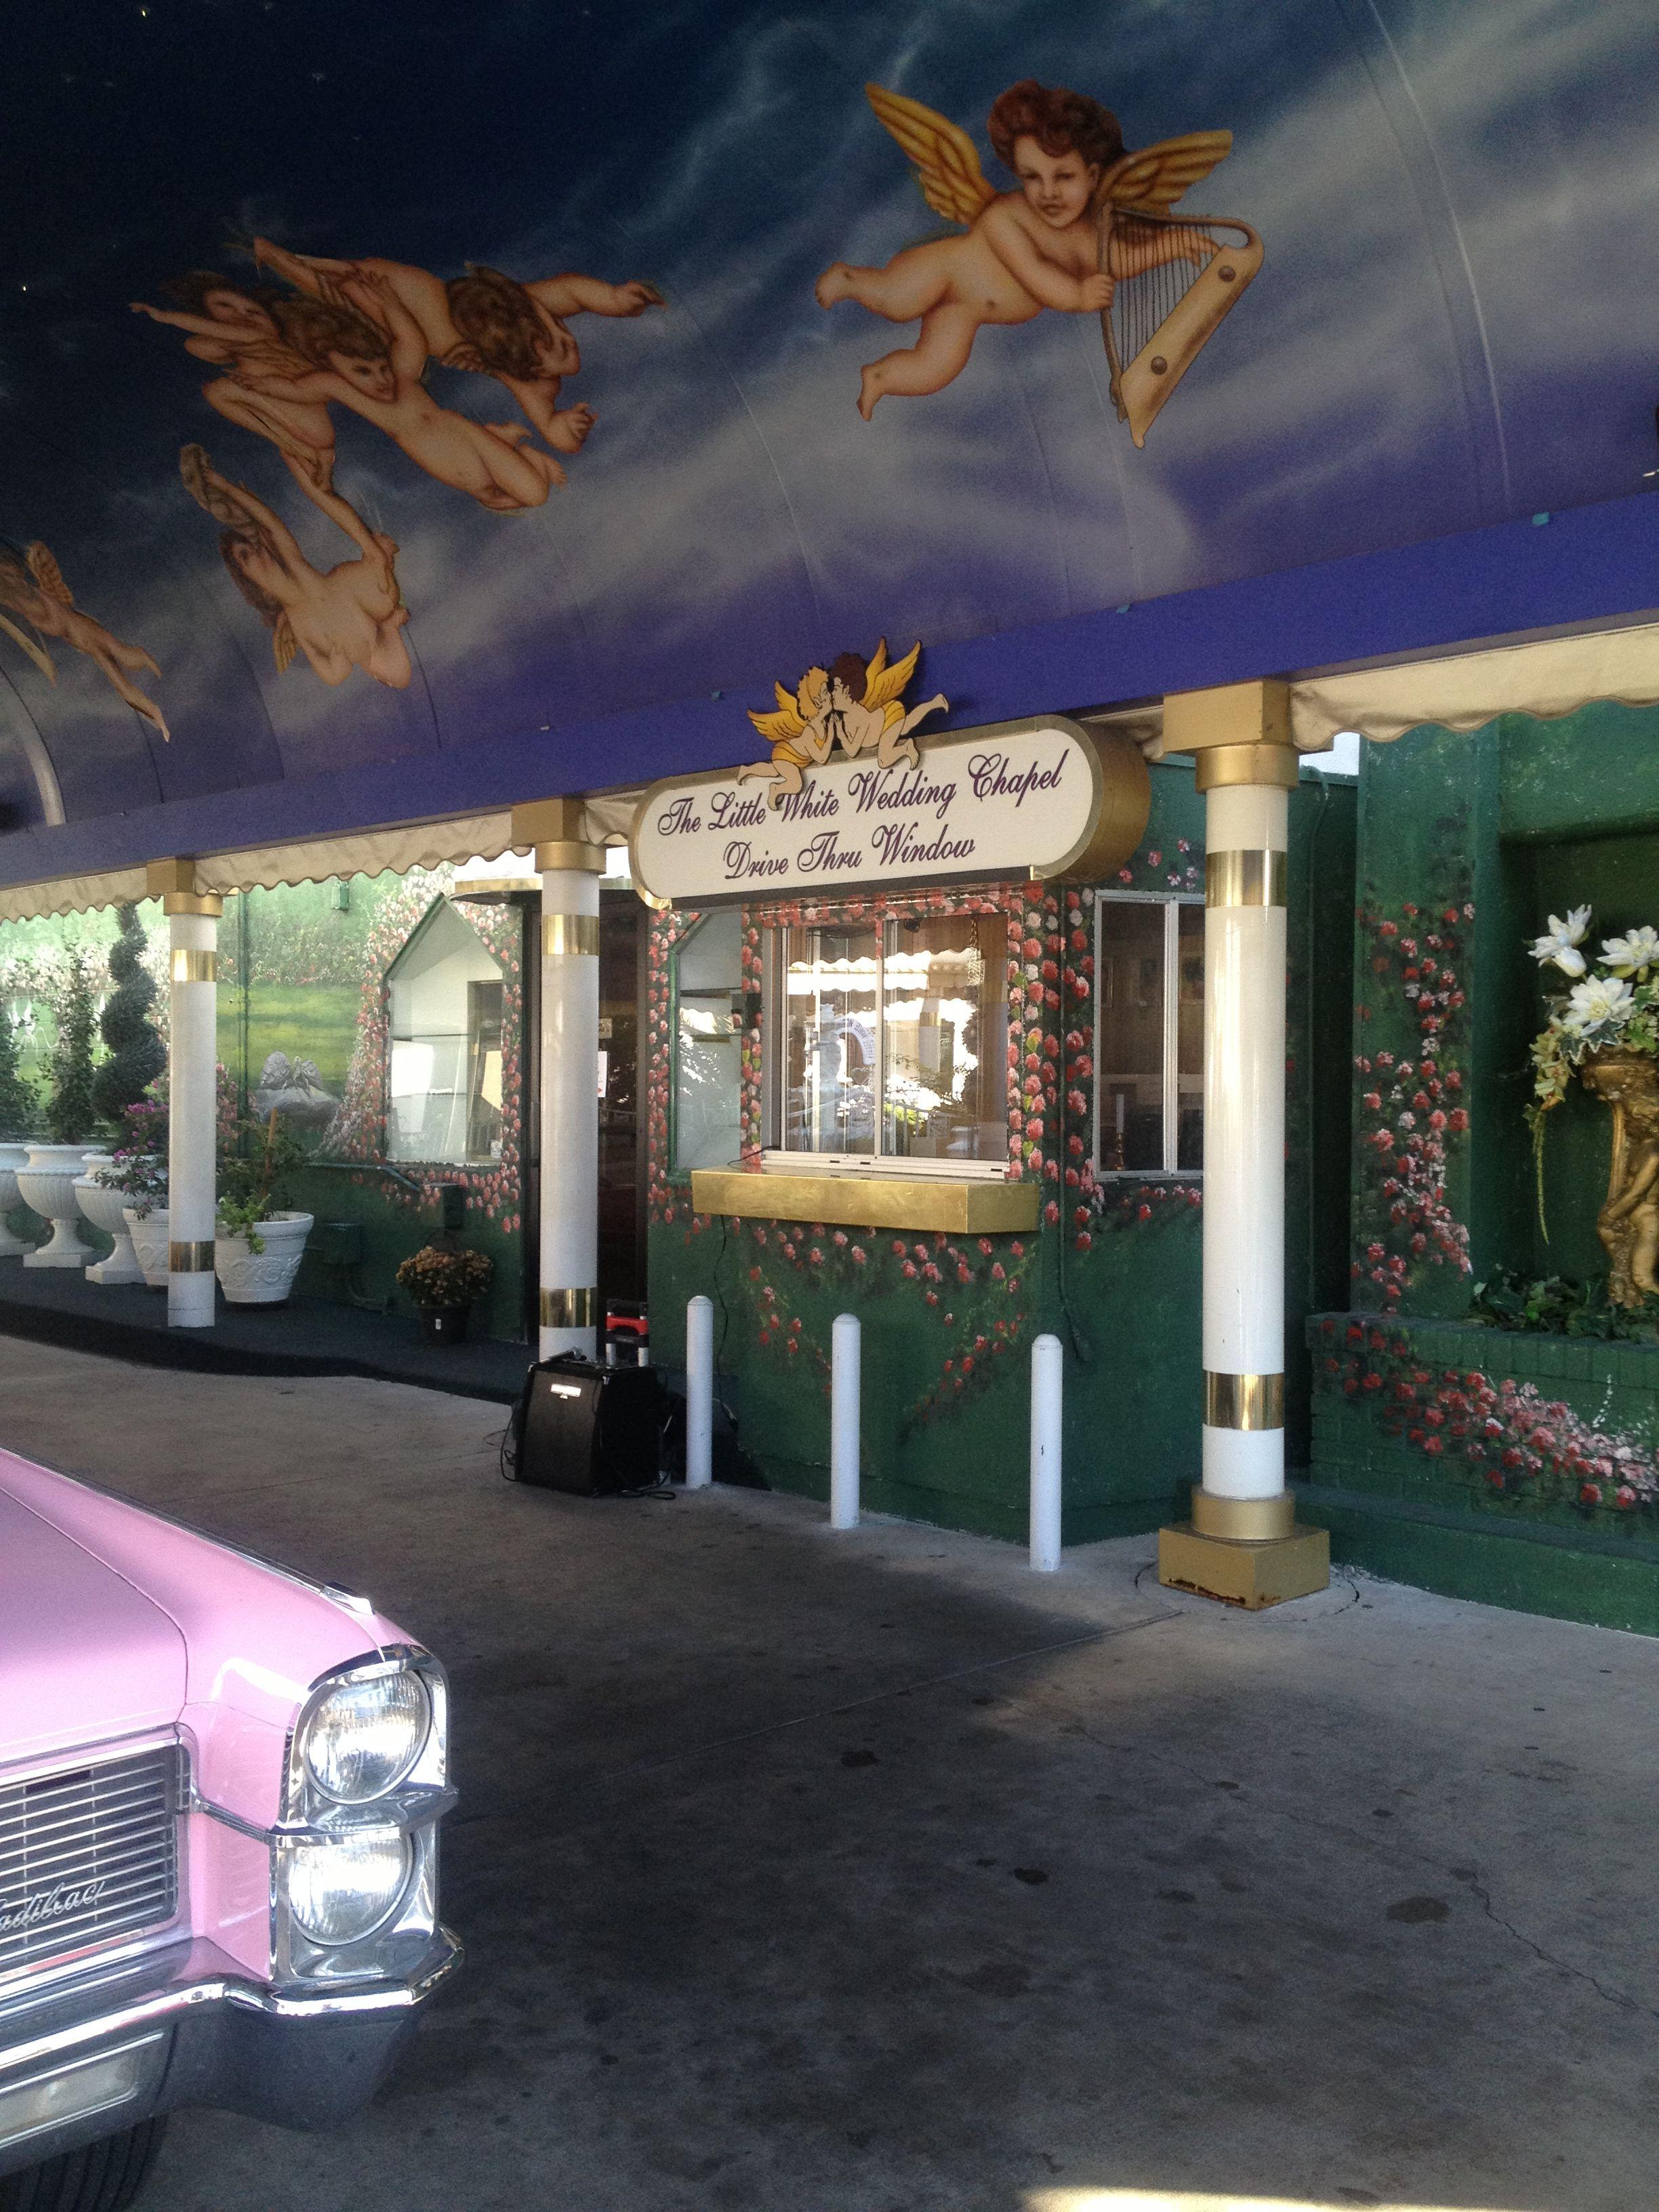 Drive thru wedding chapel Las Vegas Drive